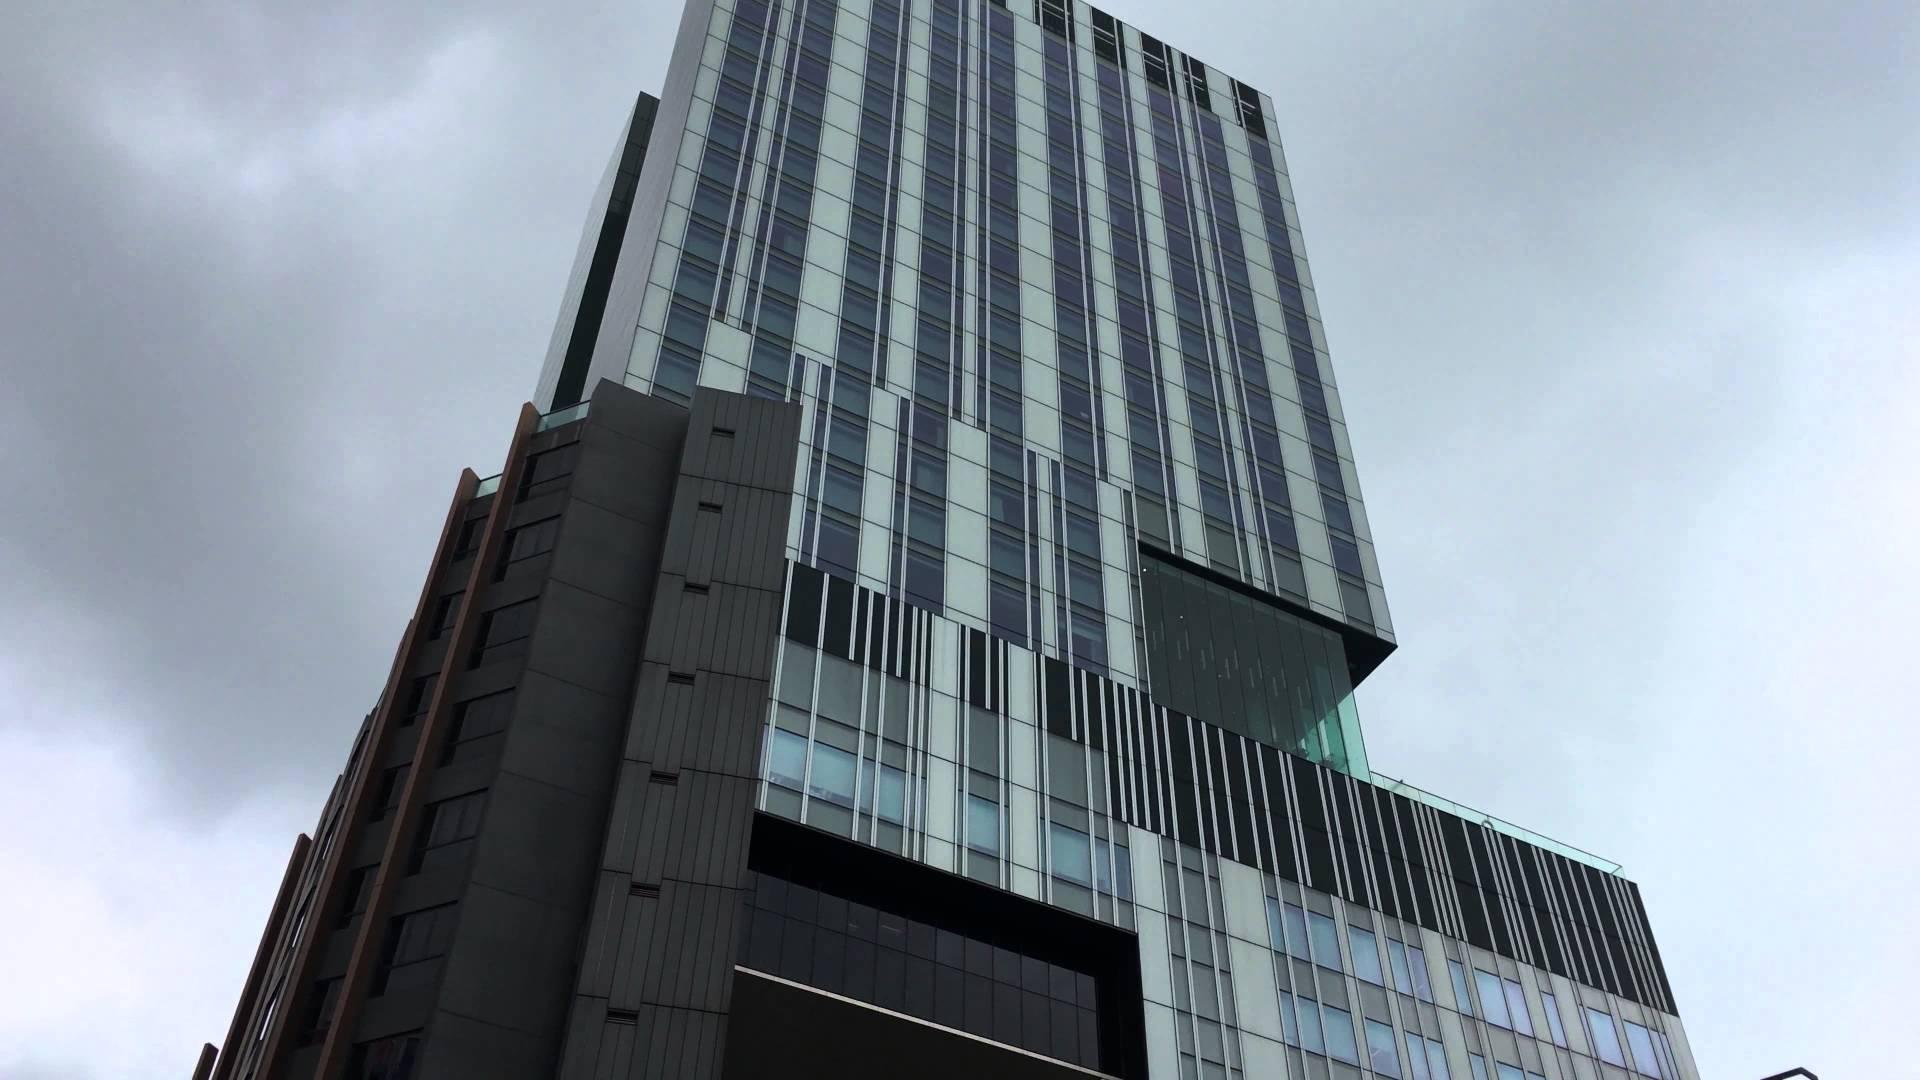 Hotel ICON, Tsim Sha Tsui